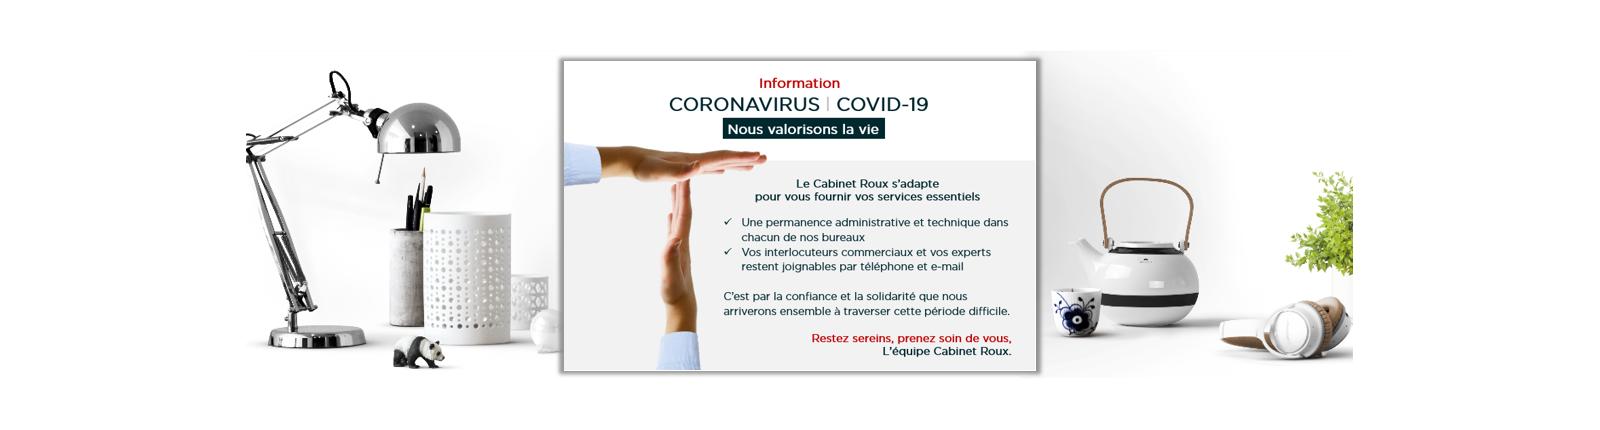 Accueil-covid19